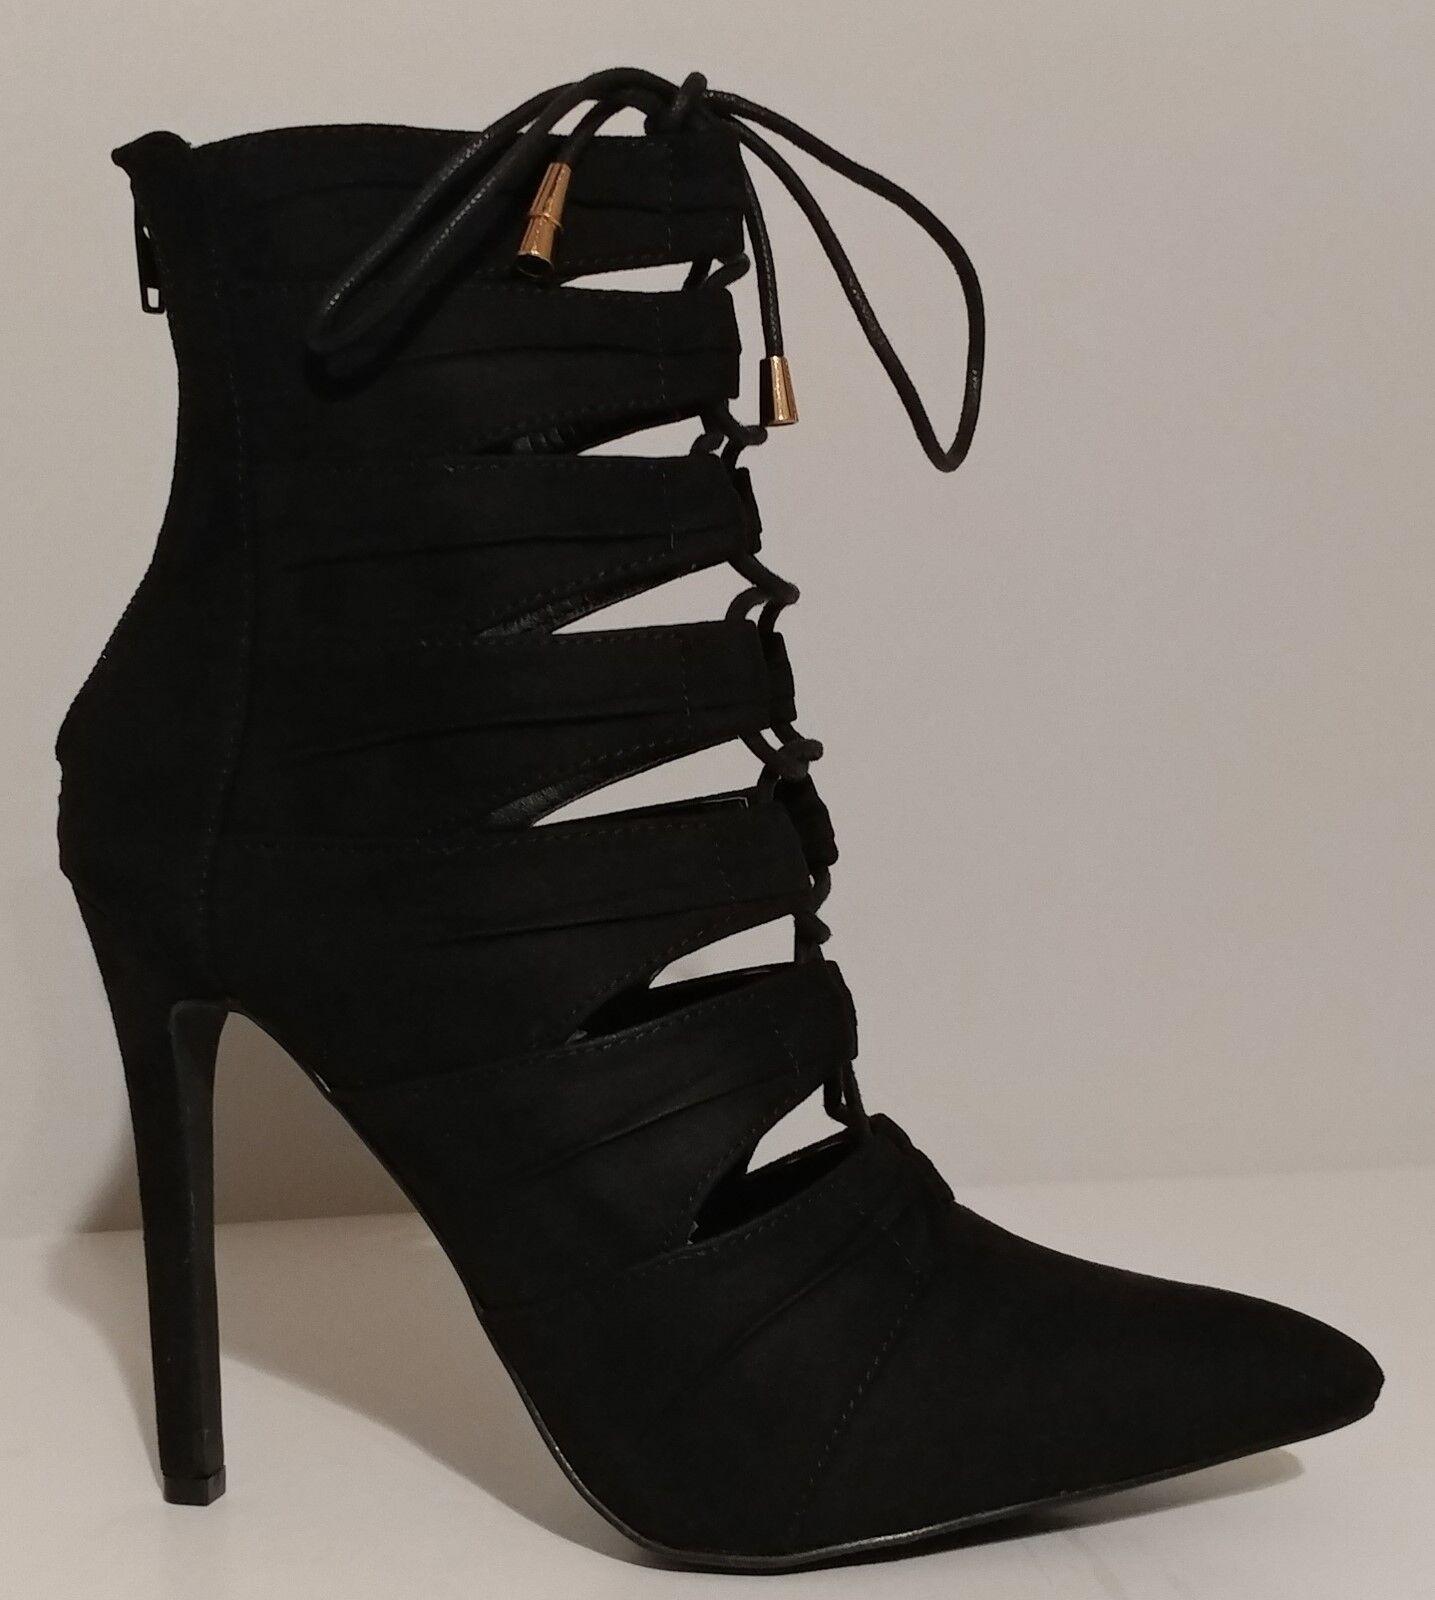 NOUVEAU    Liliana en daim noir à lacets lacets lacets Chaussons 4.5  Talons Taille 8 M us 38 M eur 544045